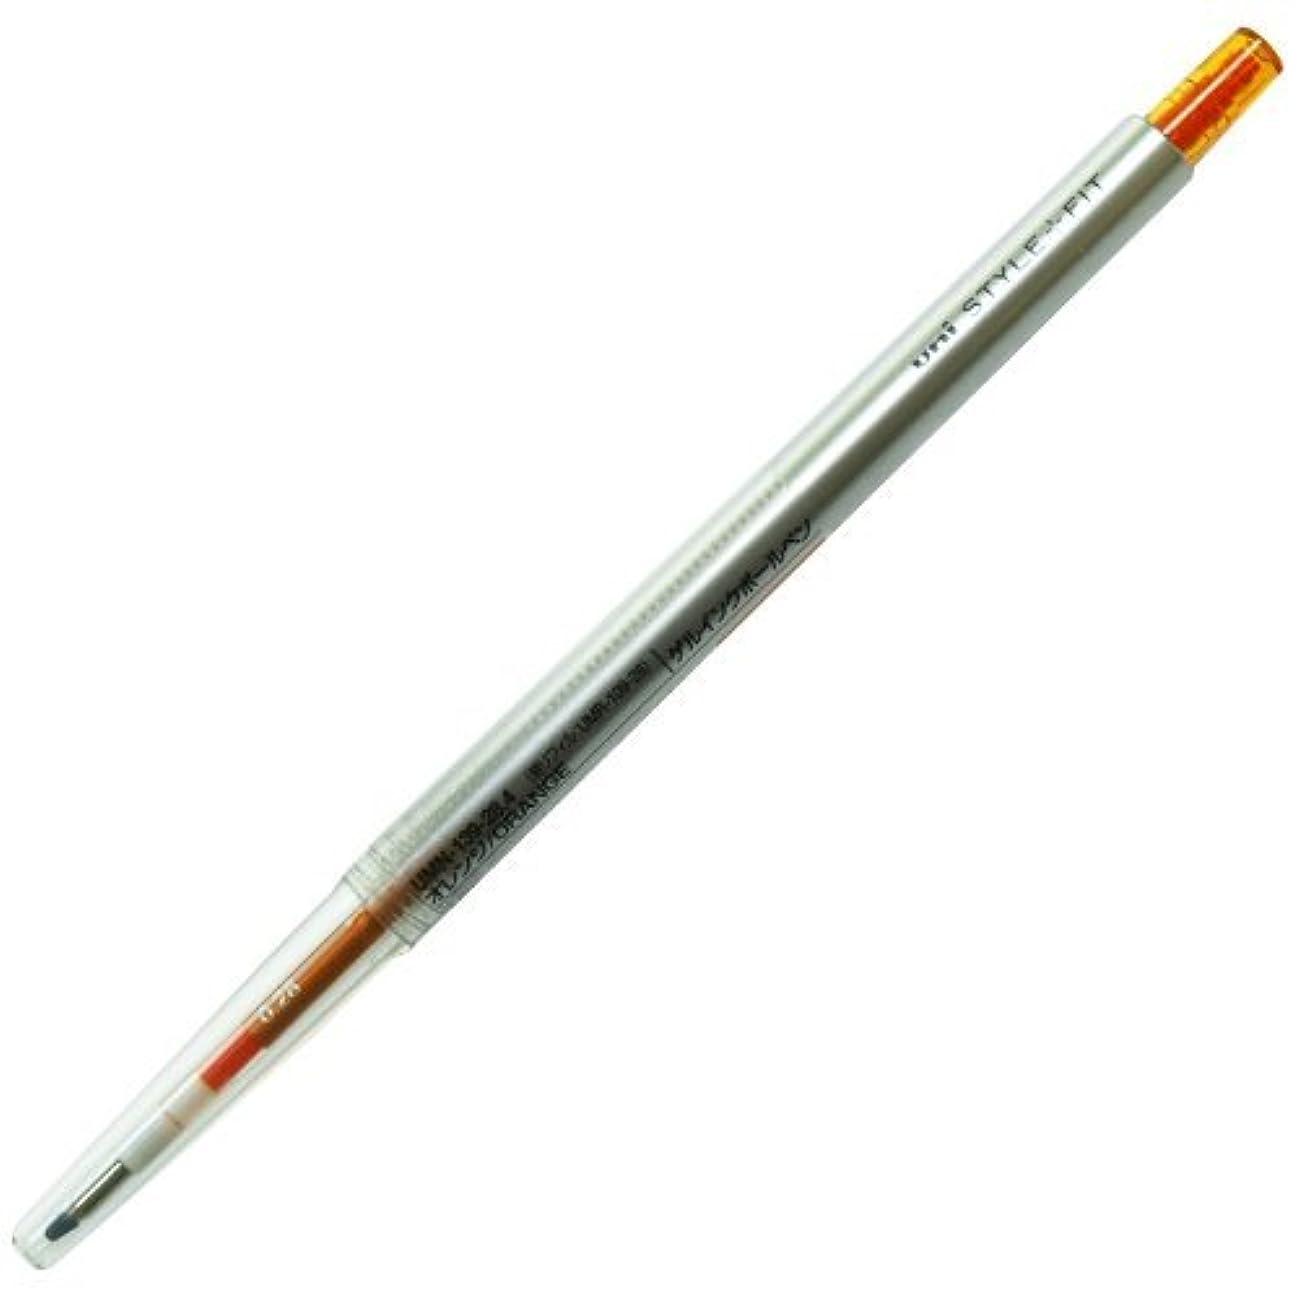 ほぼ世界の窓チャットスタイルフィット(STYLE-FIT) ゲルインクボールペン 0.28mm【オレンジ】 UMN-13 Japan